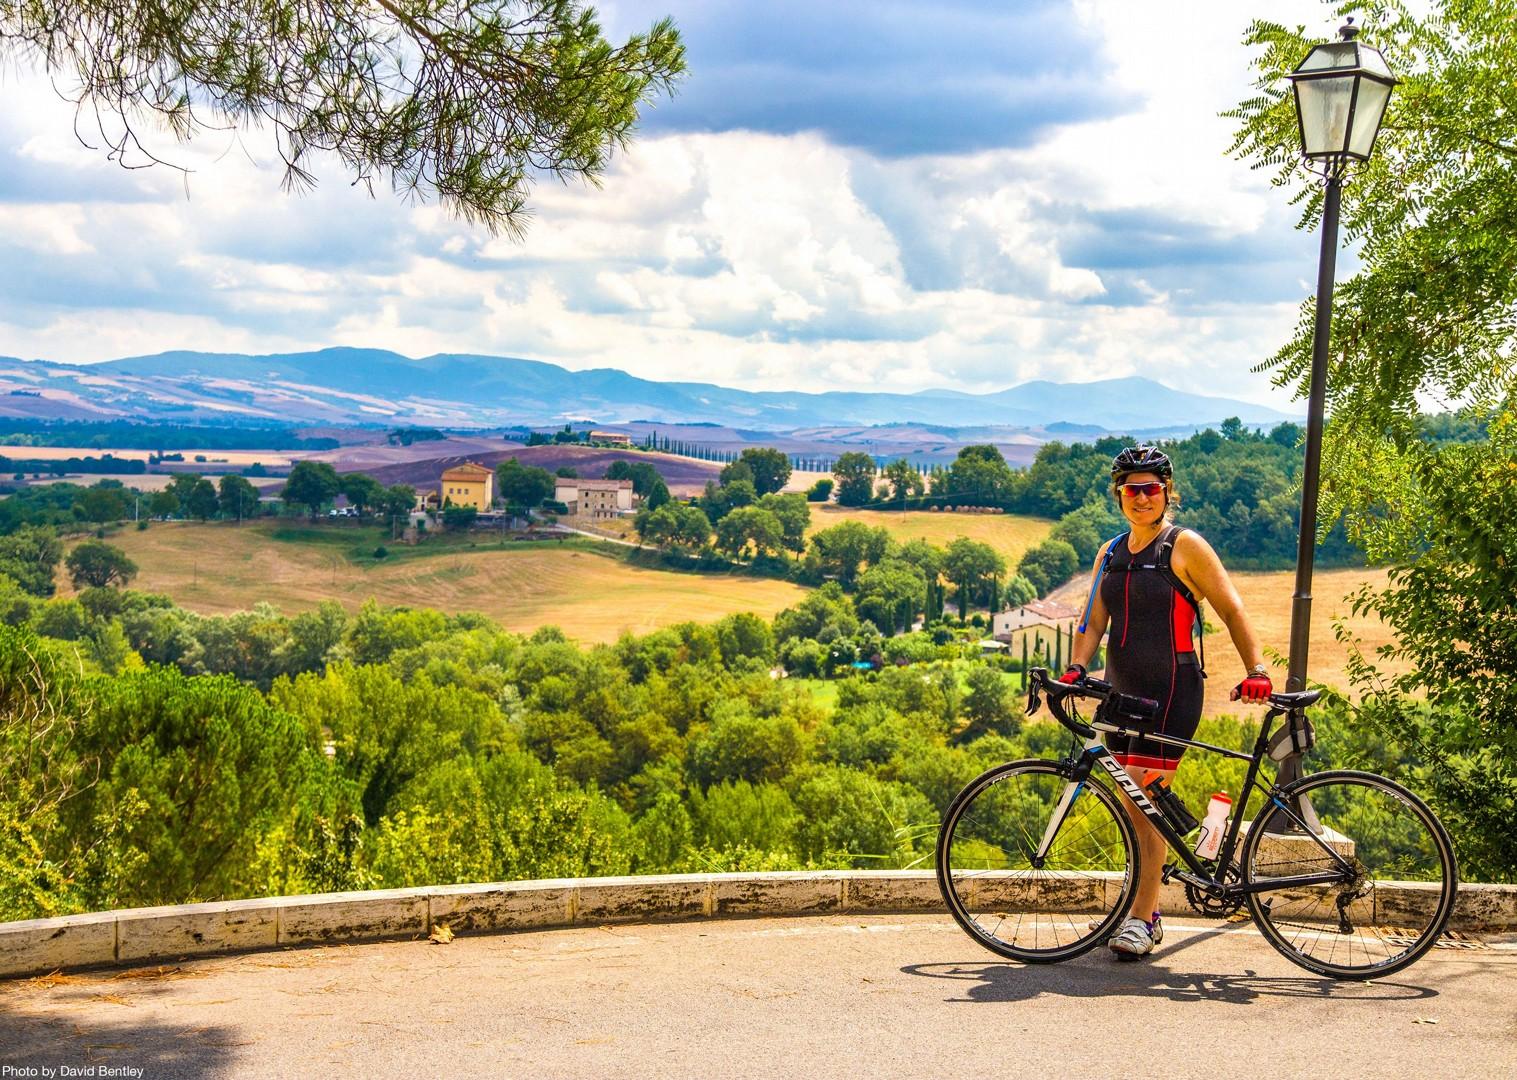 00105 Day 5 Bagno Vignoni.jpg - Italy - Tuscany - Giro della Toscana - Self-Guided Road Cycling Holiday - Road Cycling